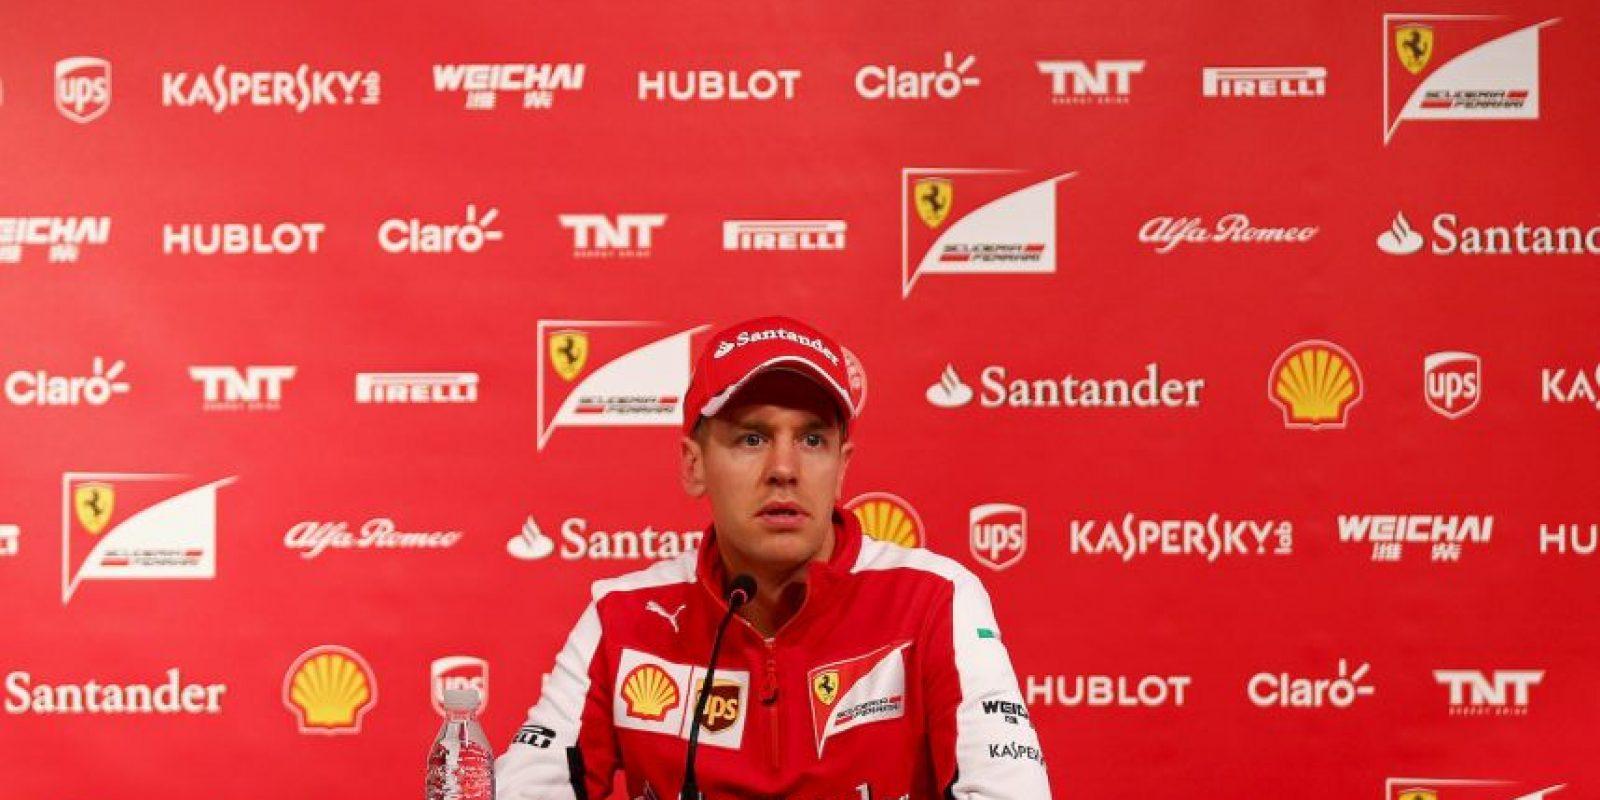 Vettel ha ganado cuatro de las últimas cinco temporadas Foto:Getty